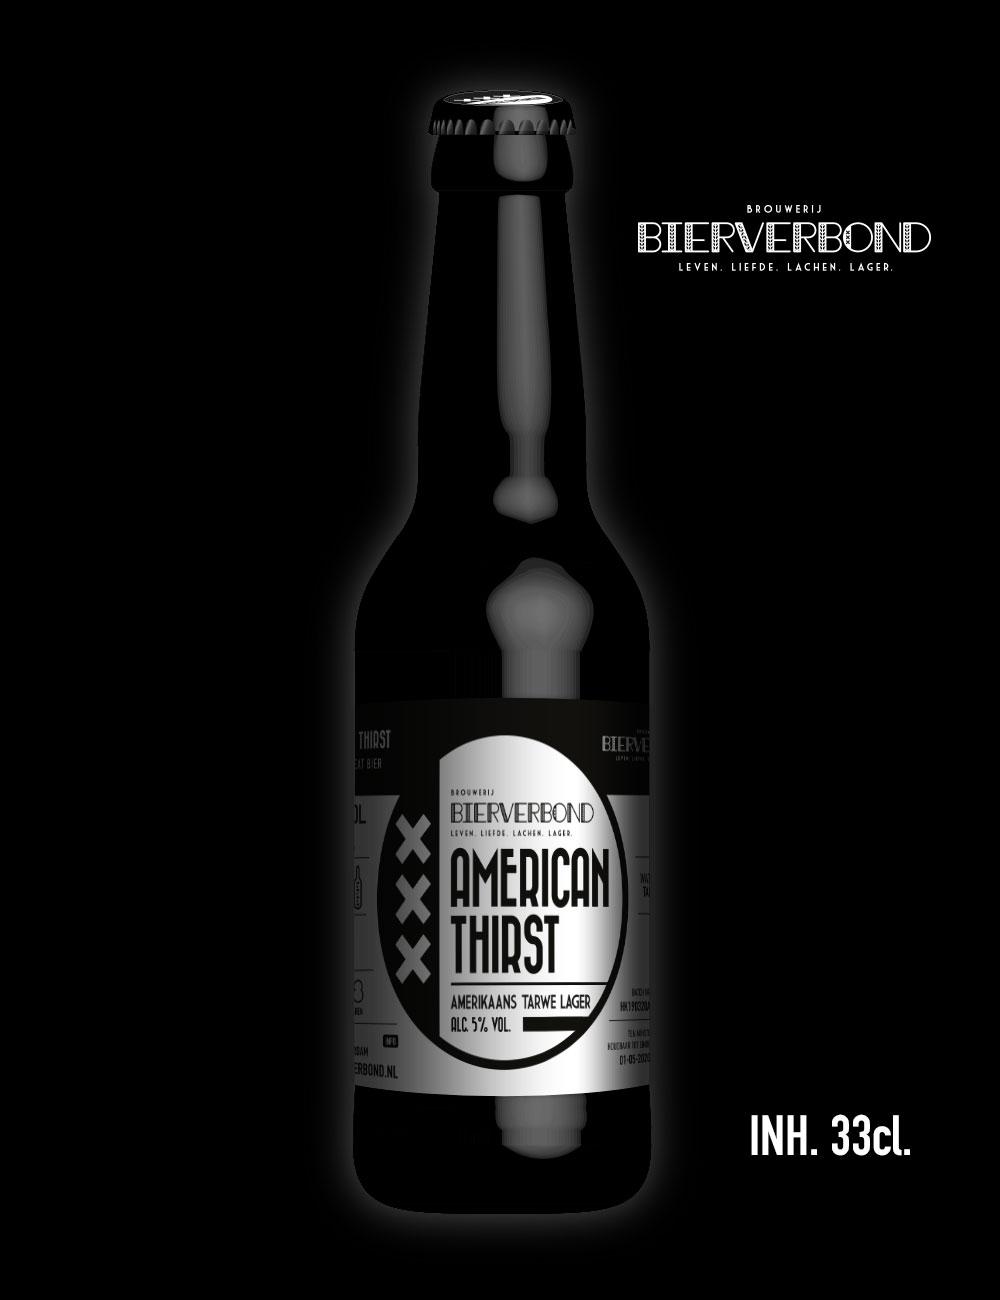 American thirst Amerikaans tarwe lager van Brouwerij Bierverbond Amsterdam